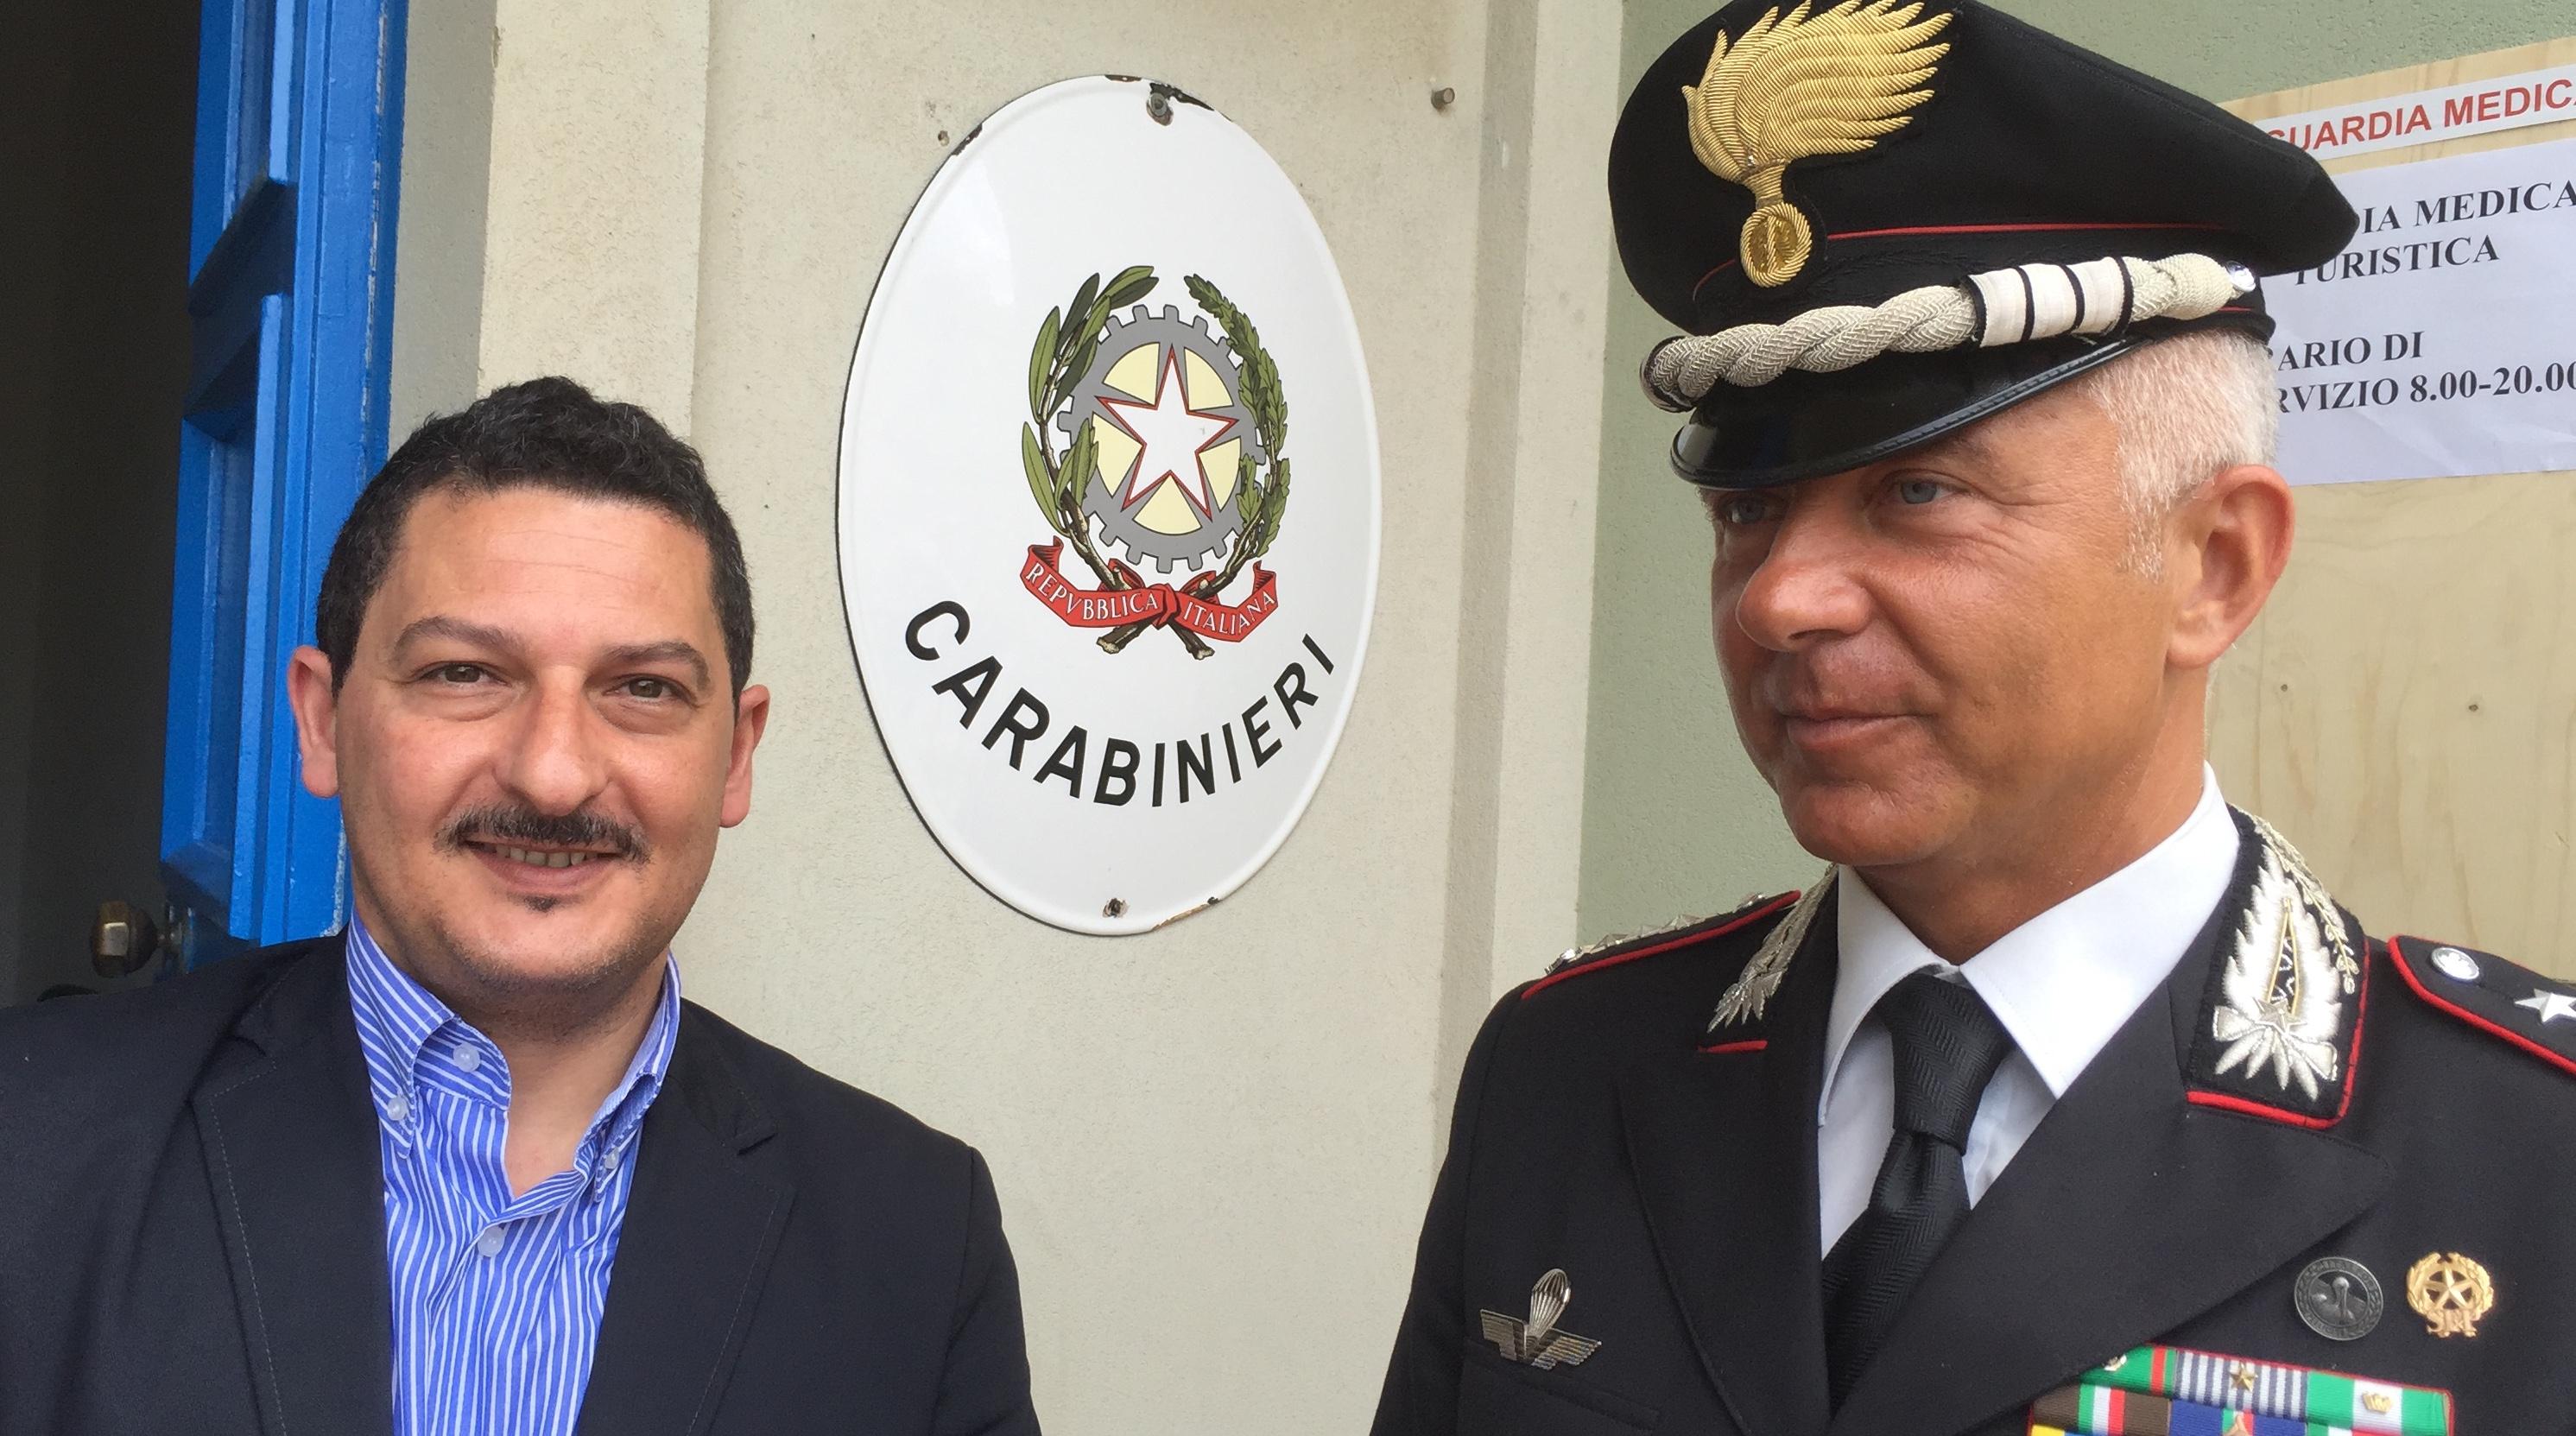 Siurezza, Stazione dei carabinieri a Marzamemi fino al 31 agosto